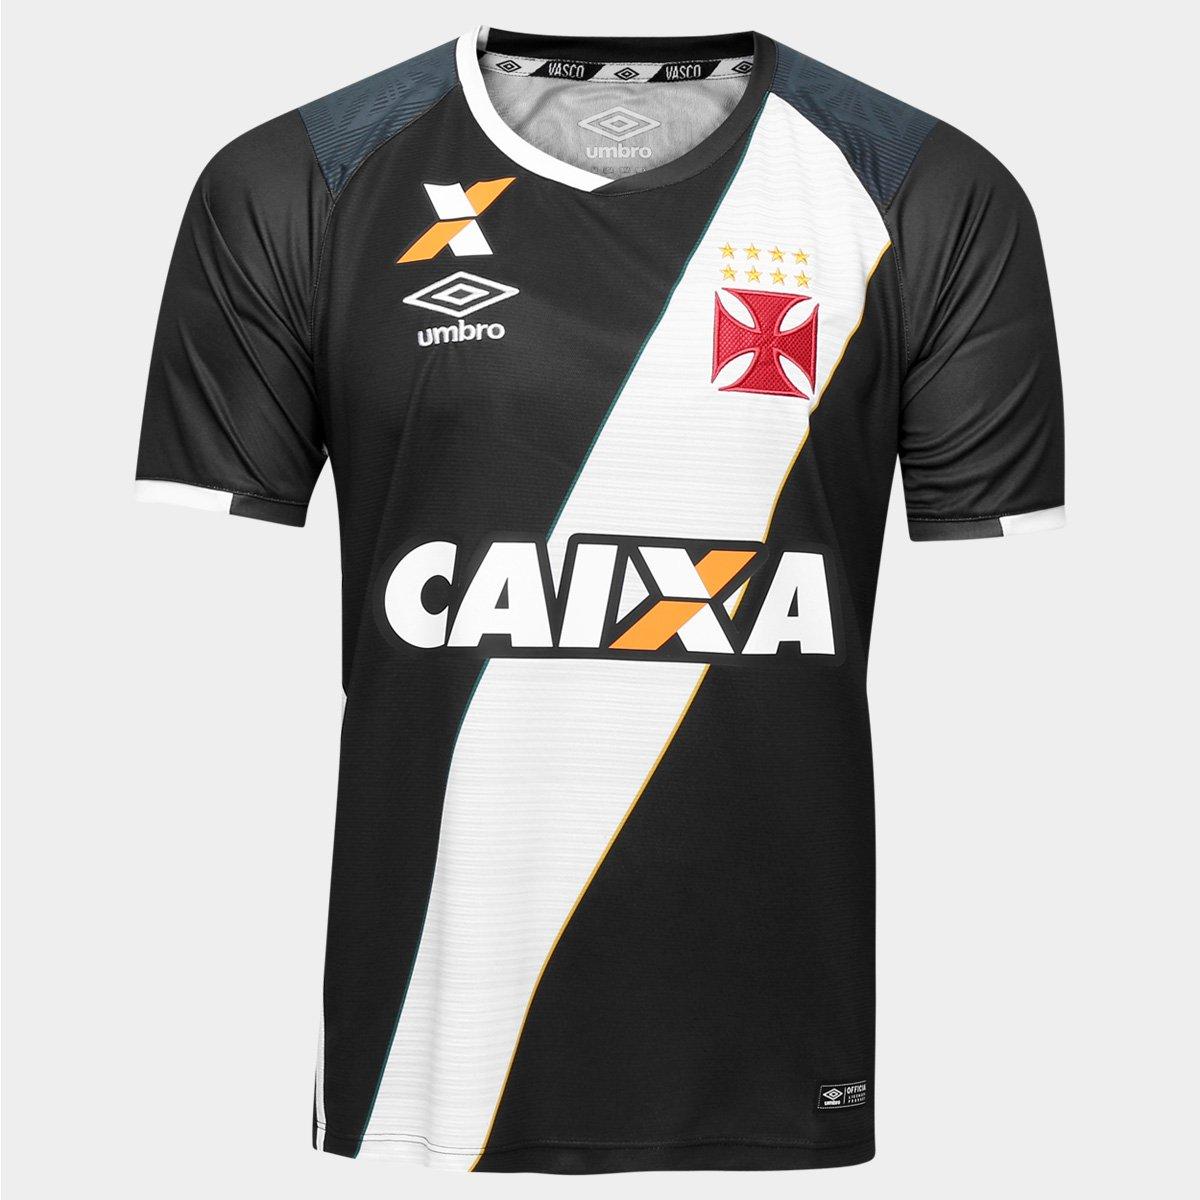 b951caf5ecd9d Camisa Vasco I 16 17 s nº Torcedor Umbro Masculina - Compre Agora ...